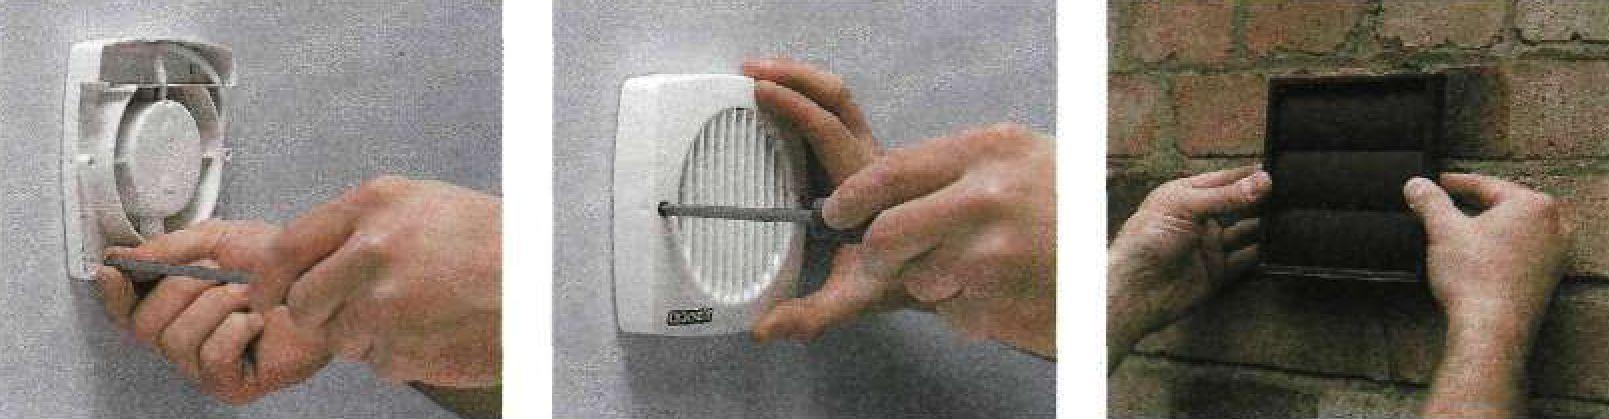 Установка стенного вытяжного вентилятора